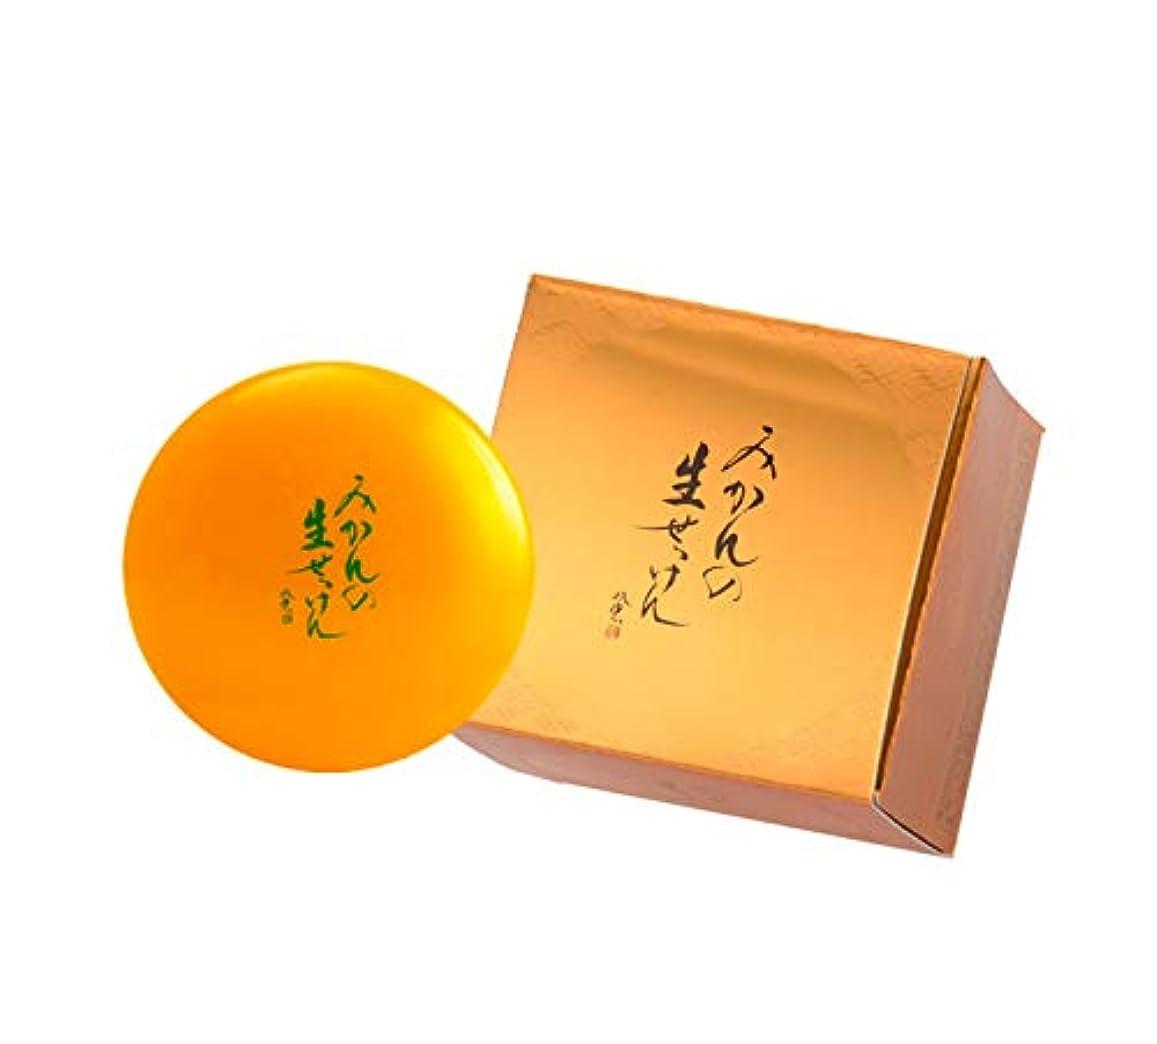 はしご決して奨励しますUYEKI美香柑みかんの生せっけん120g×3個セット